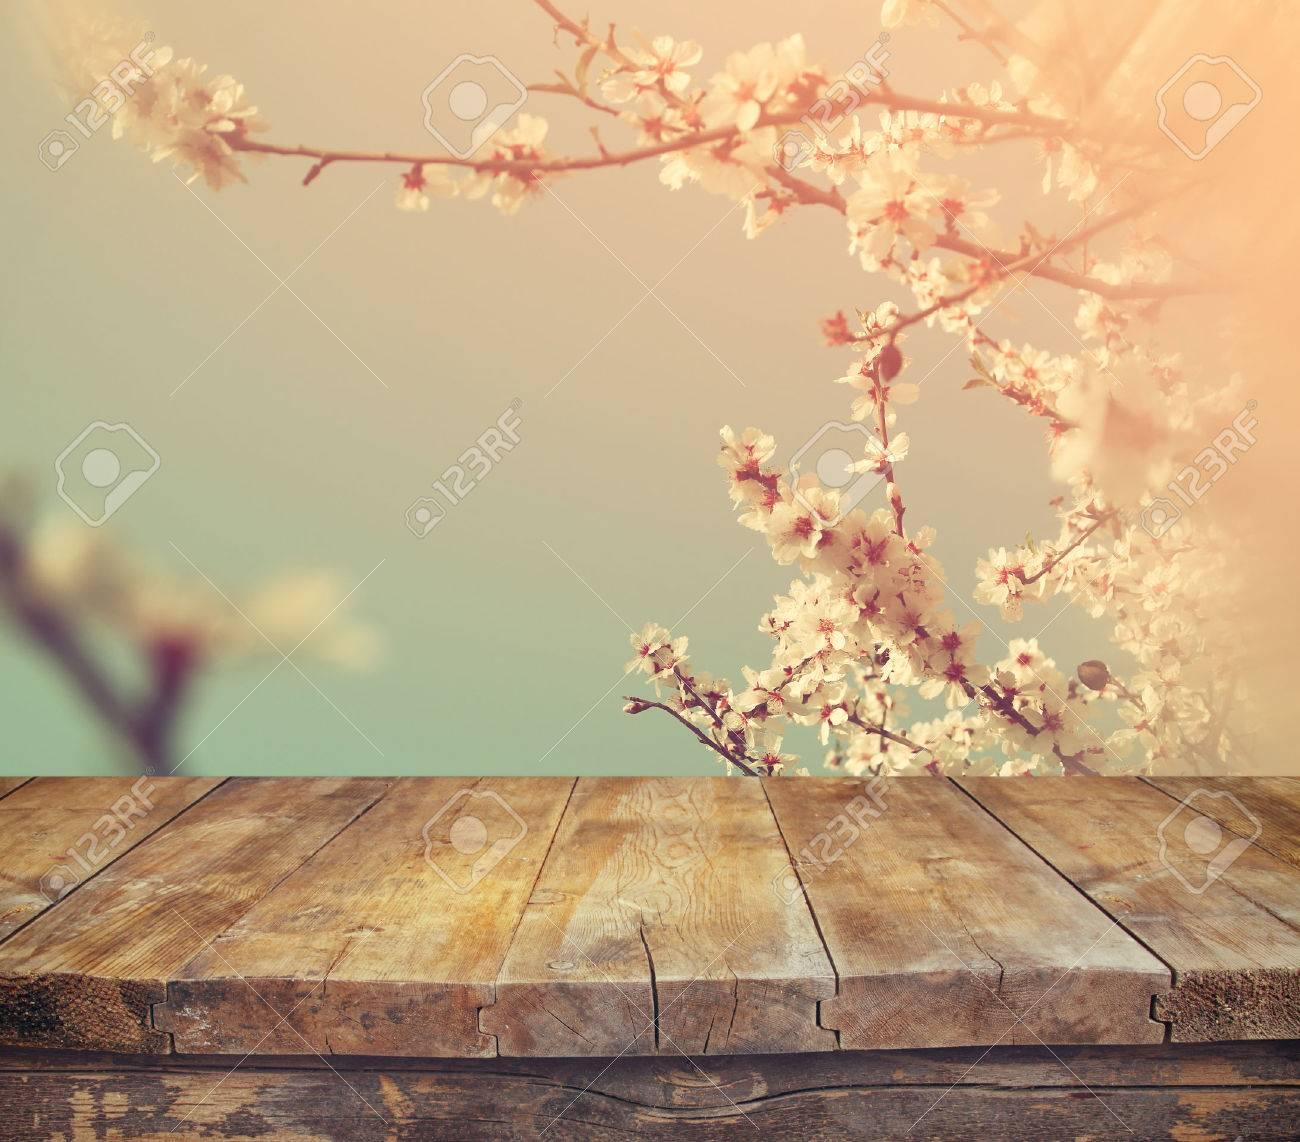 Rustica Mesa De Madera Delante De La Primavera Flores De Cerezo - Vintage-imagenes